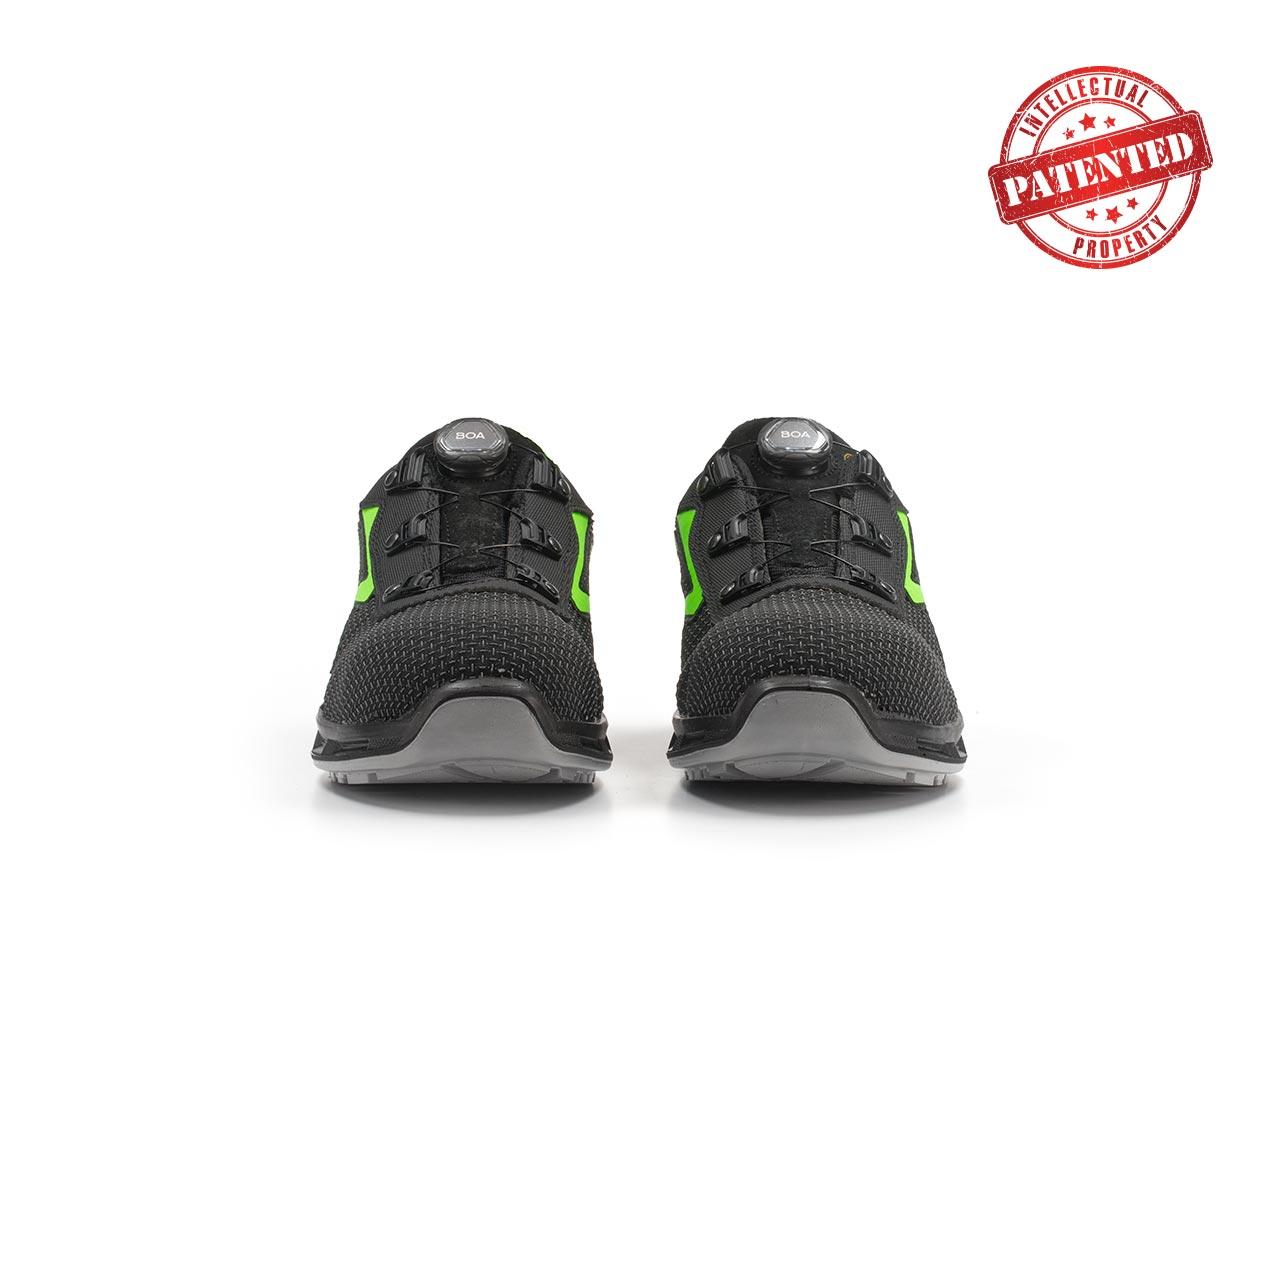 paio di scarpe antinfortunistiche upower modello monster linea redlion vista frontale